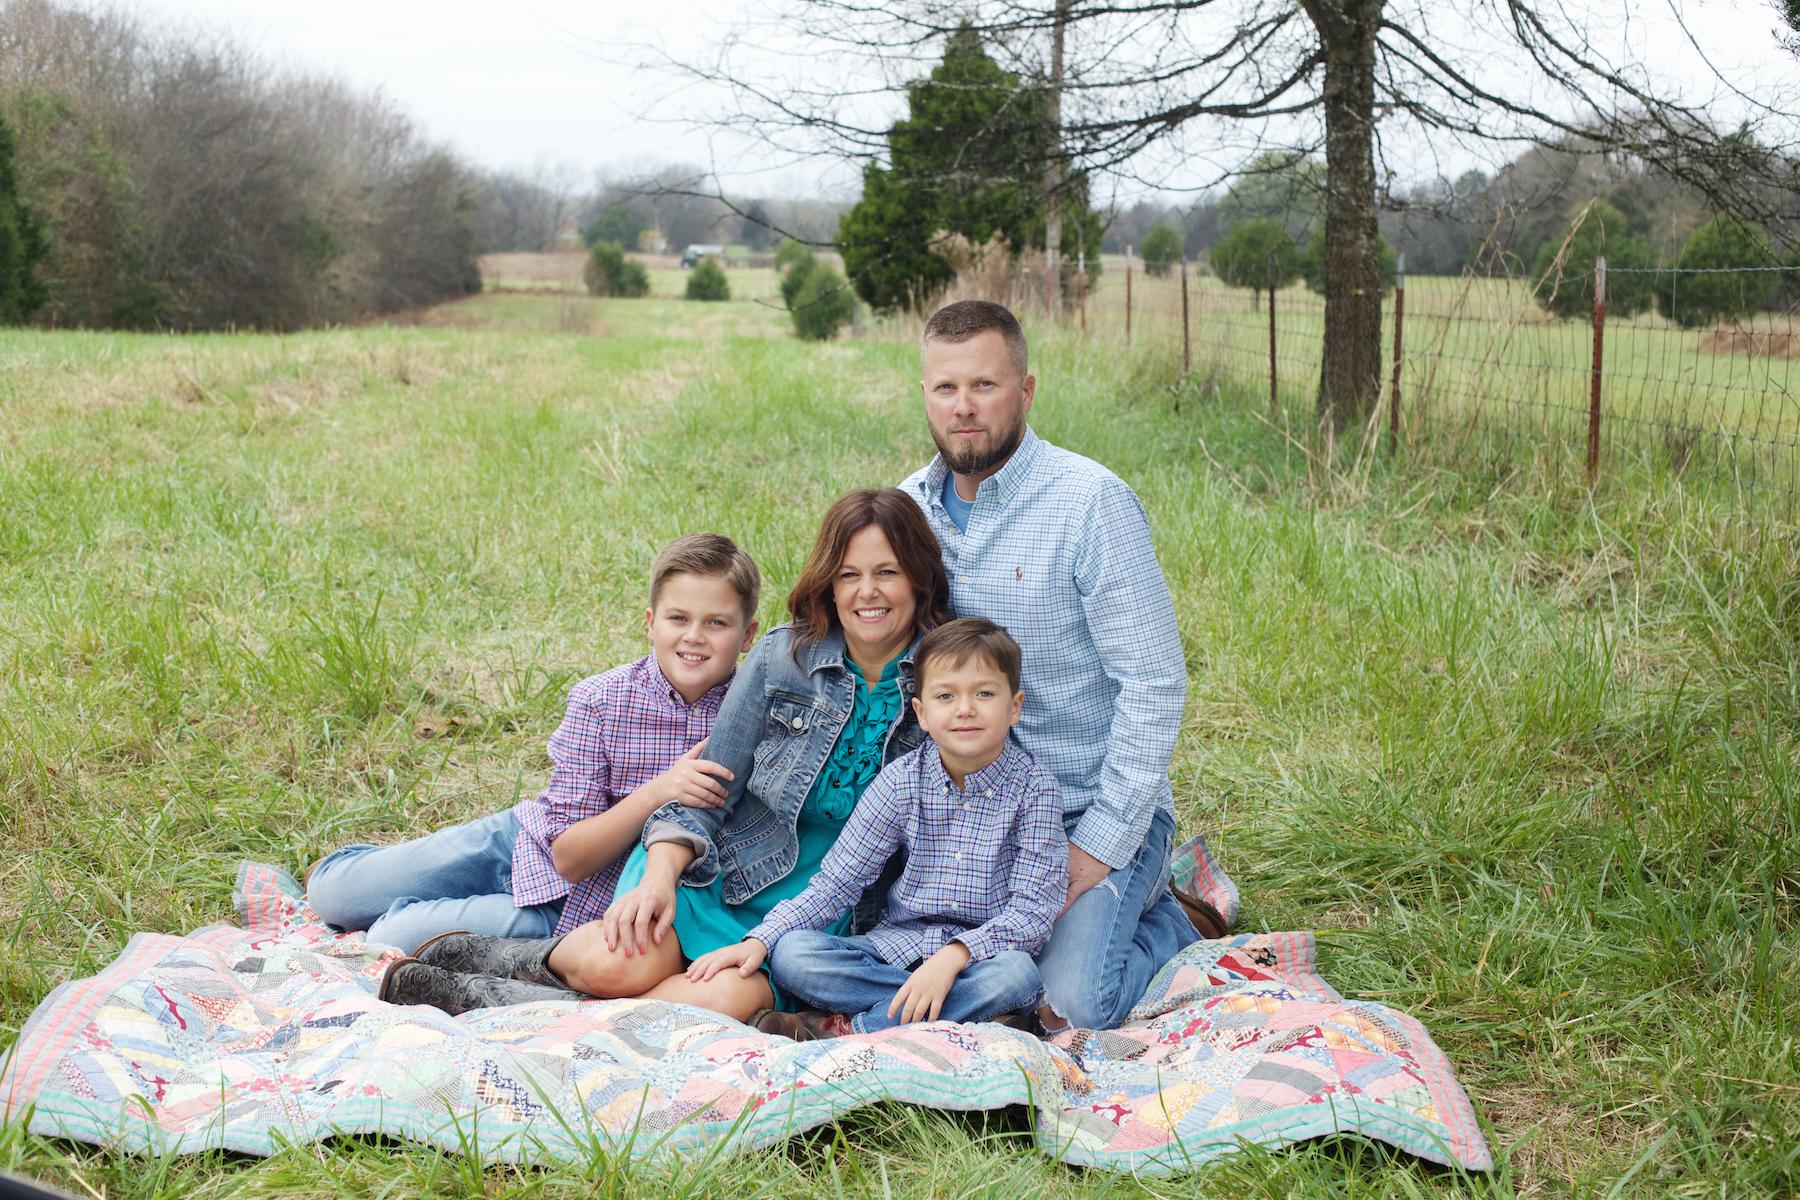 family-on-blanket.jpg